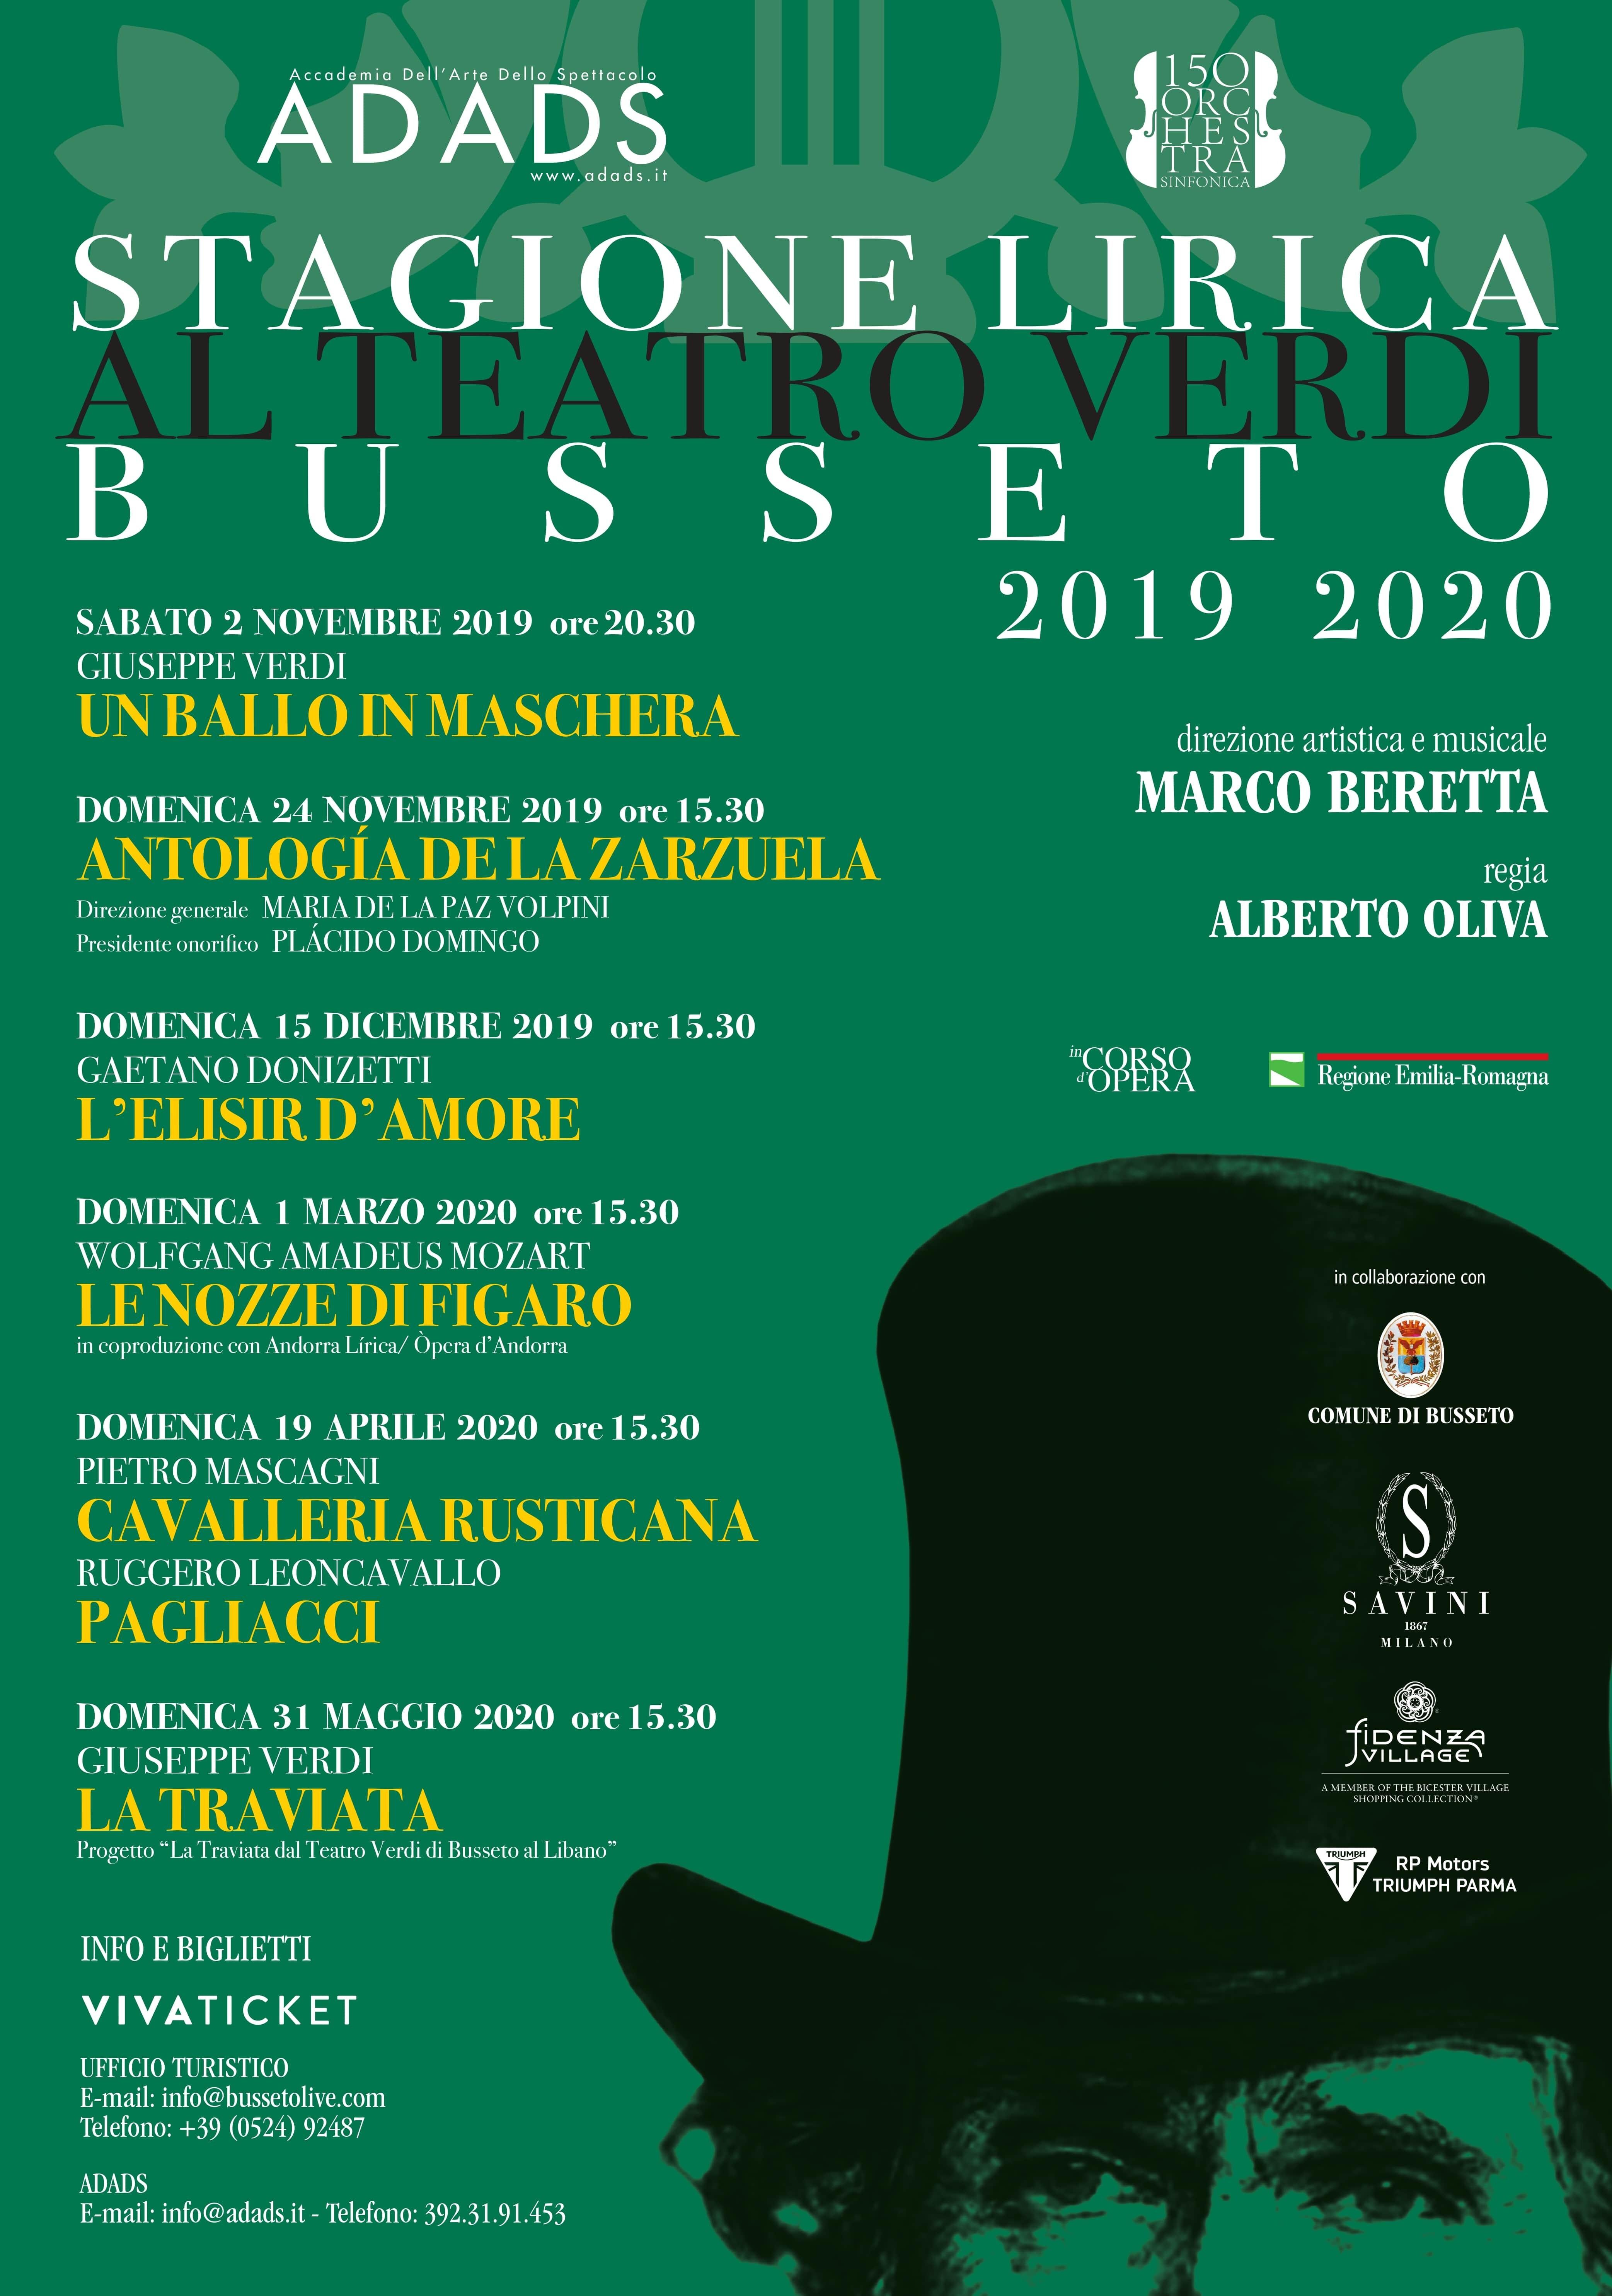 STAGIONE LIRICA AL TEATRO VERDI : UN BALLO IN MASCHERA